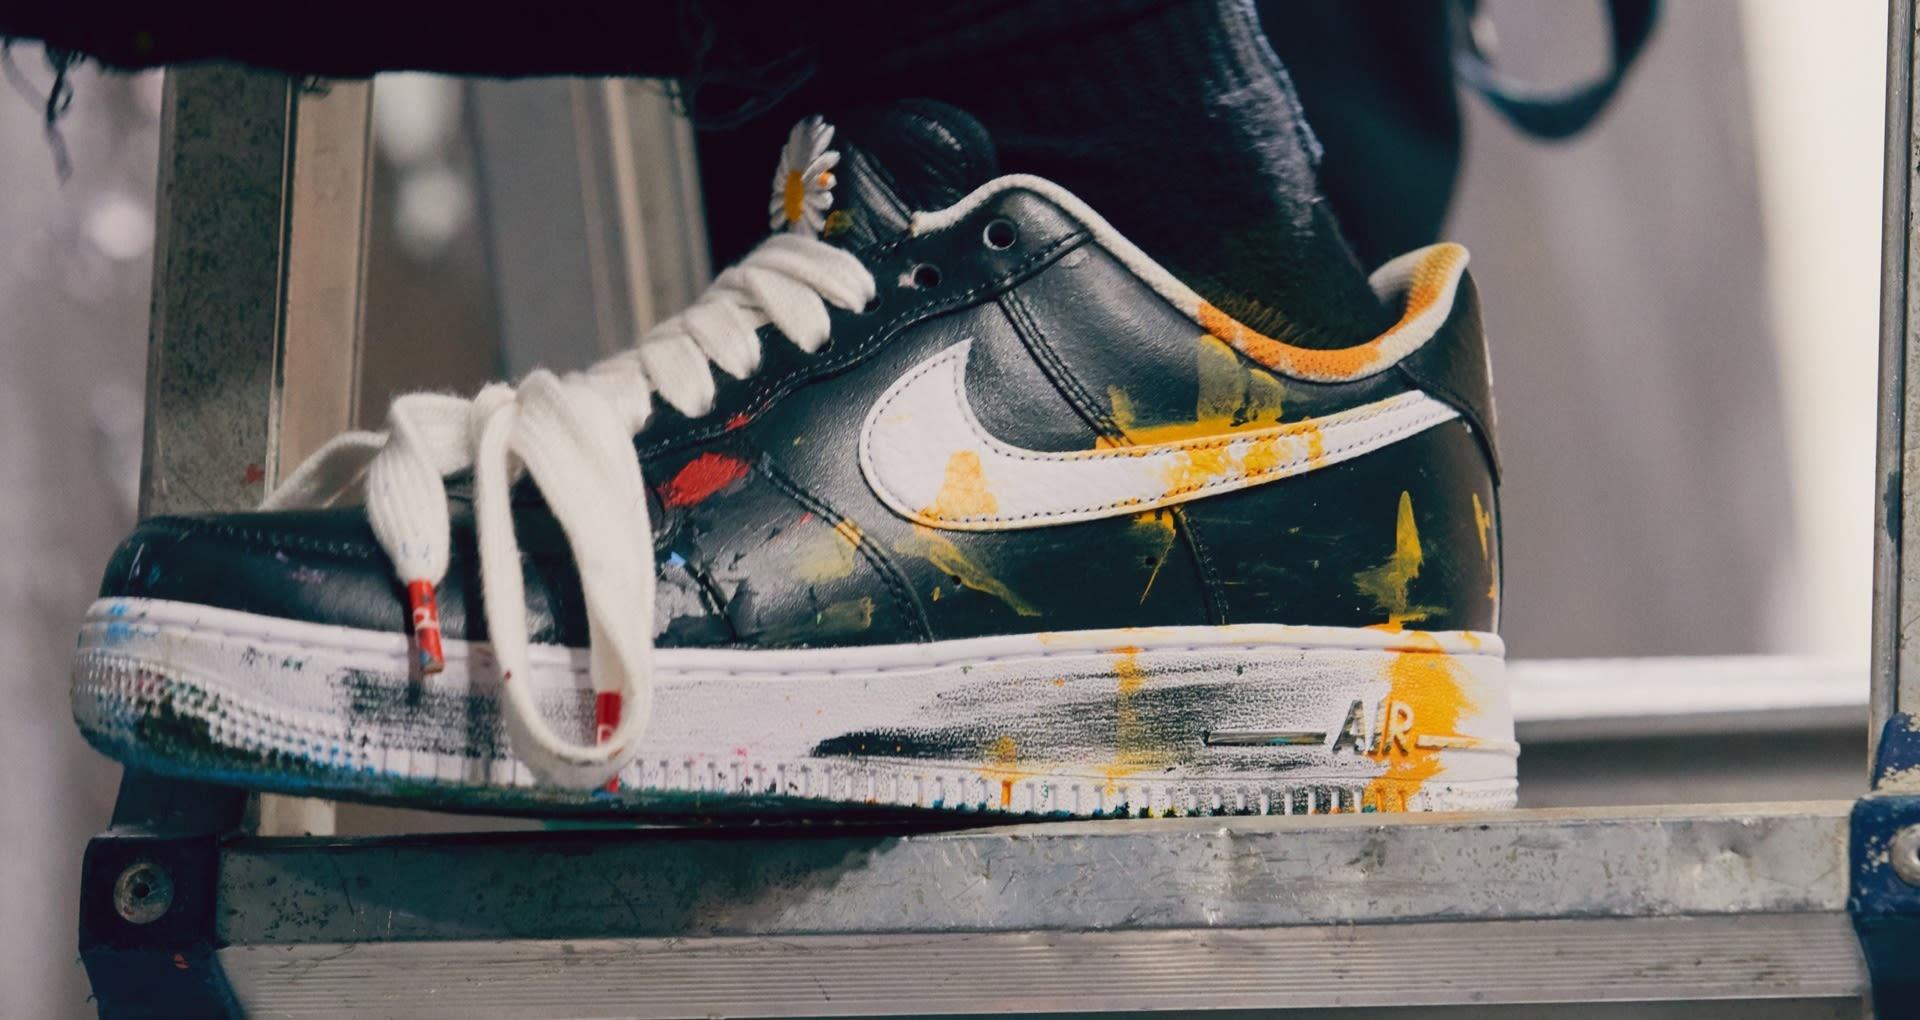 Nike Air Force 1 'PARA-NOISE' G-Dragon